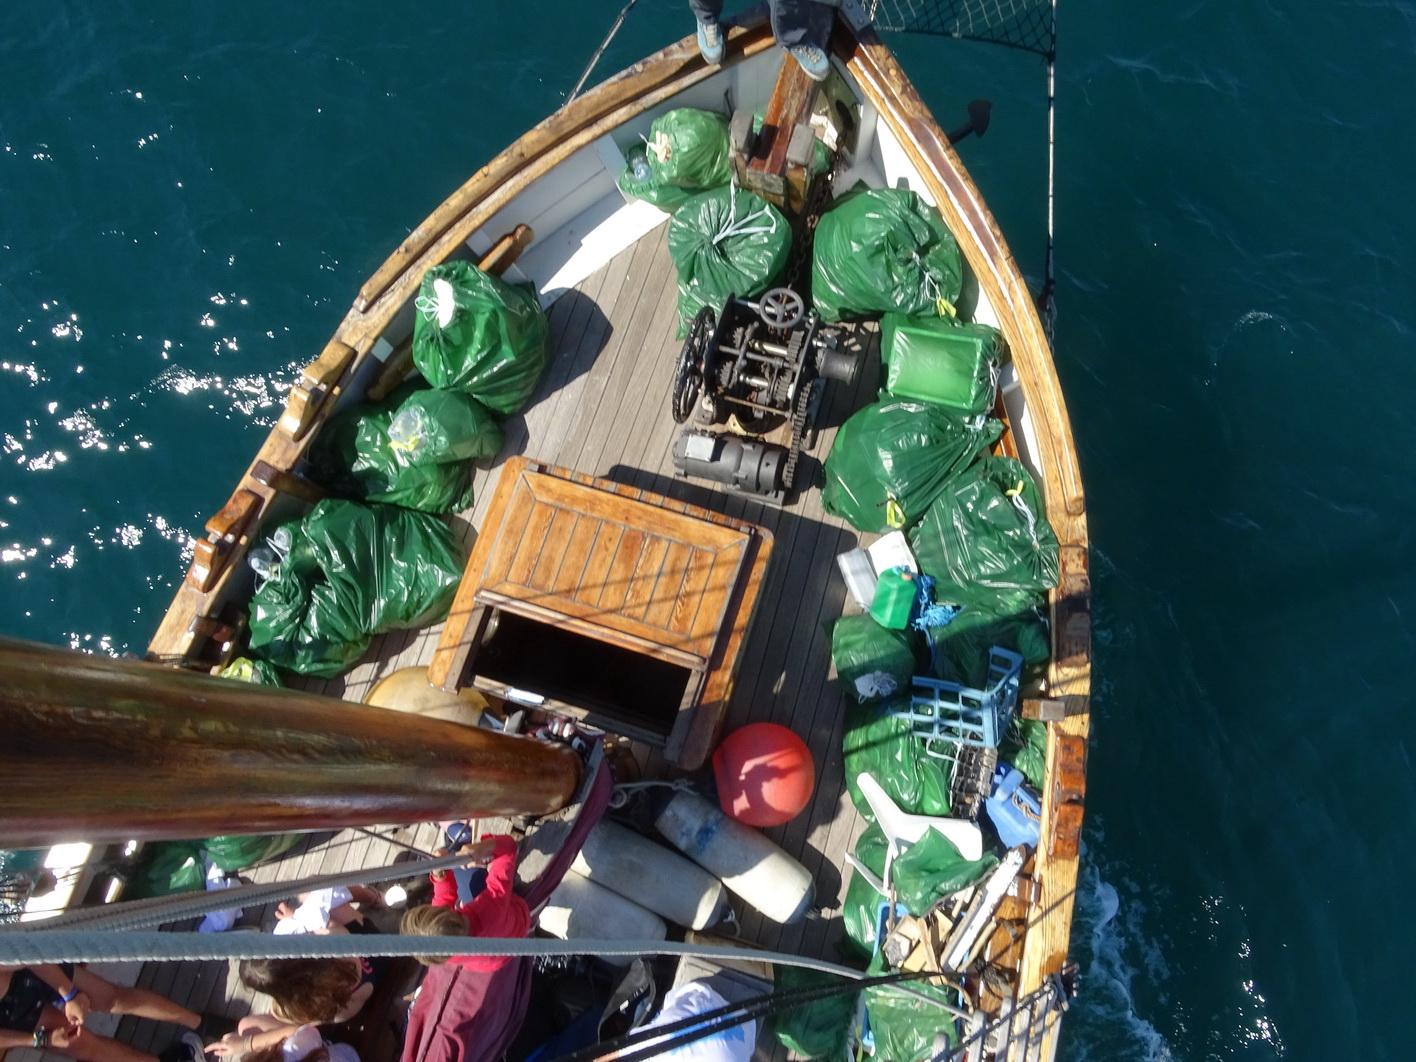 Los 30 sacos de basura se transportaron en el Else. Imagen: ANSE